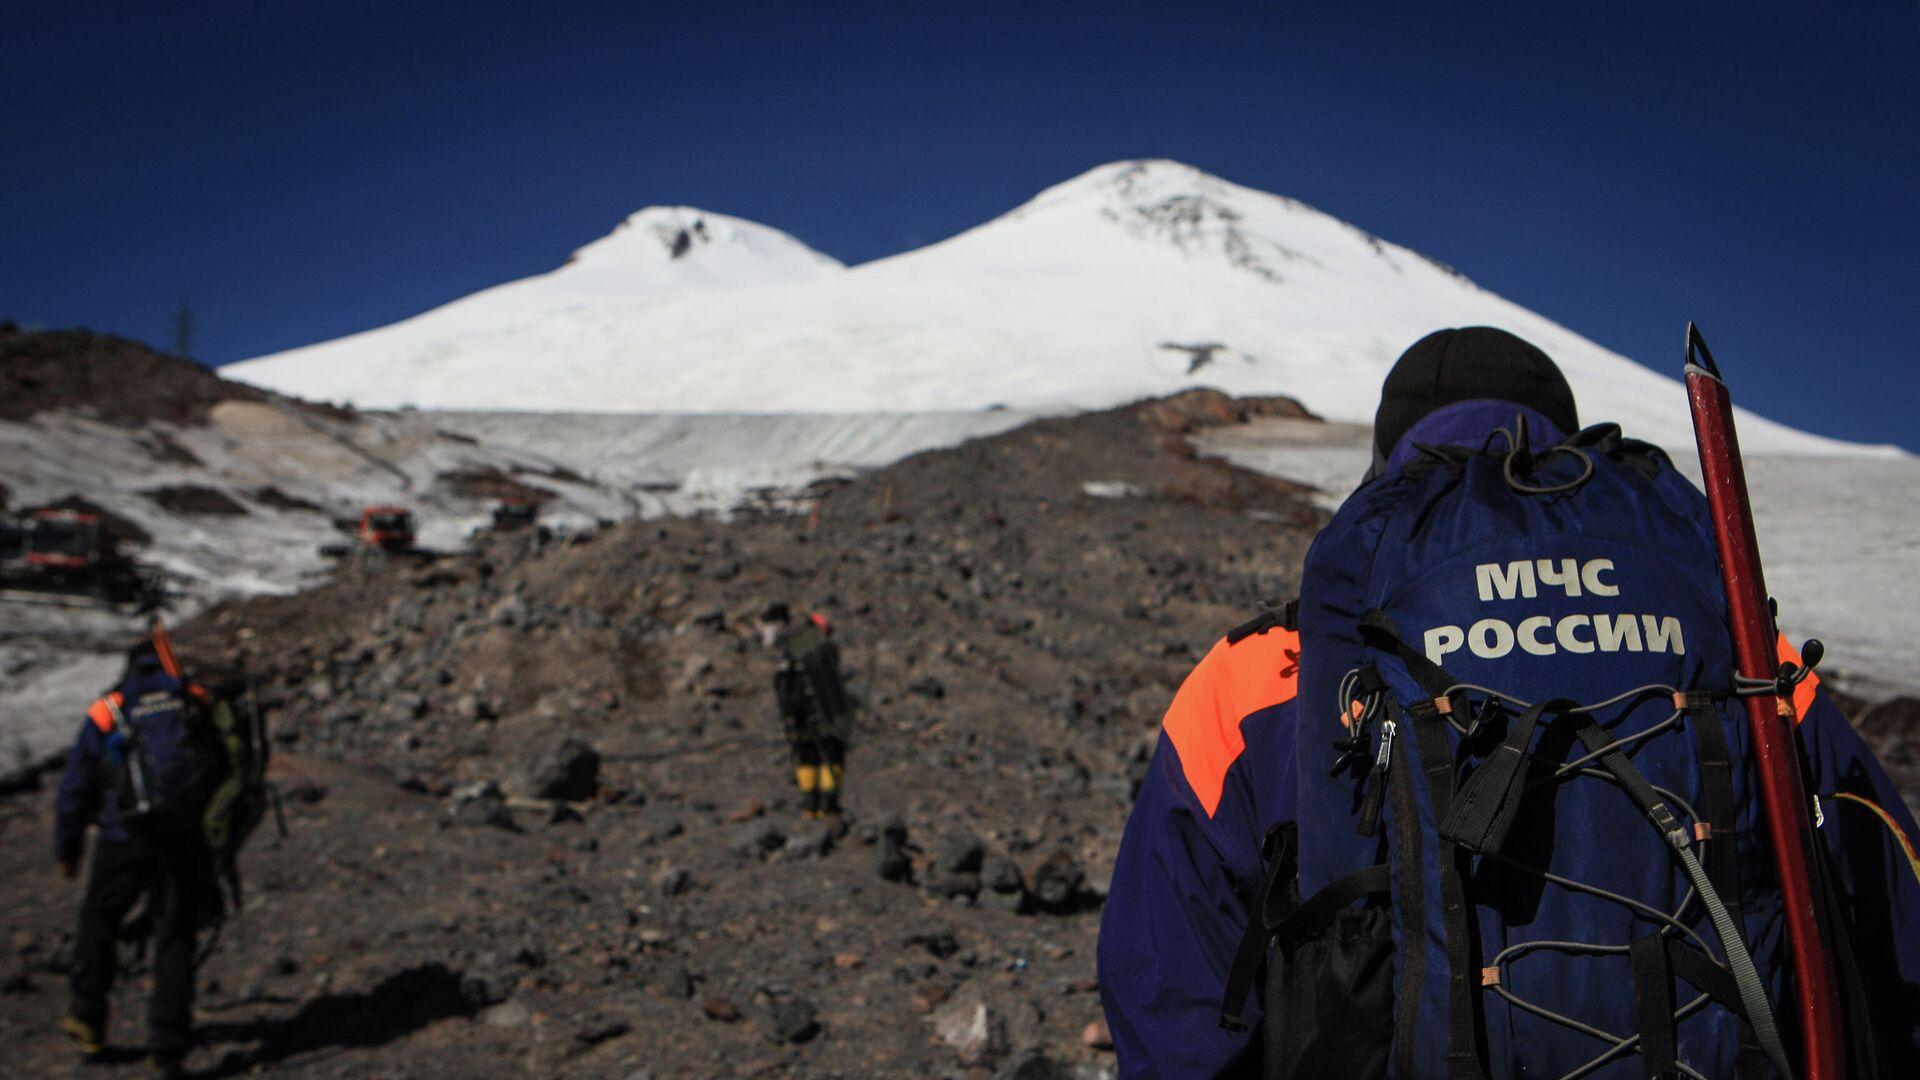 Тела трех альпинистов спустили с Эльбруса на высоту 5100 метров